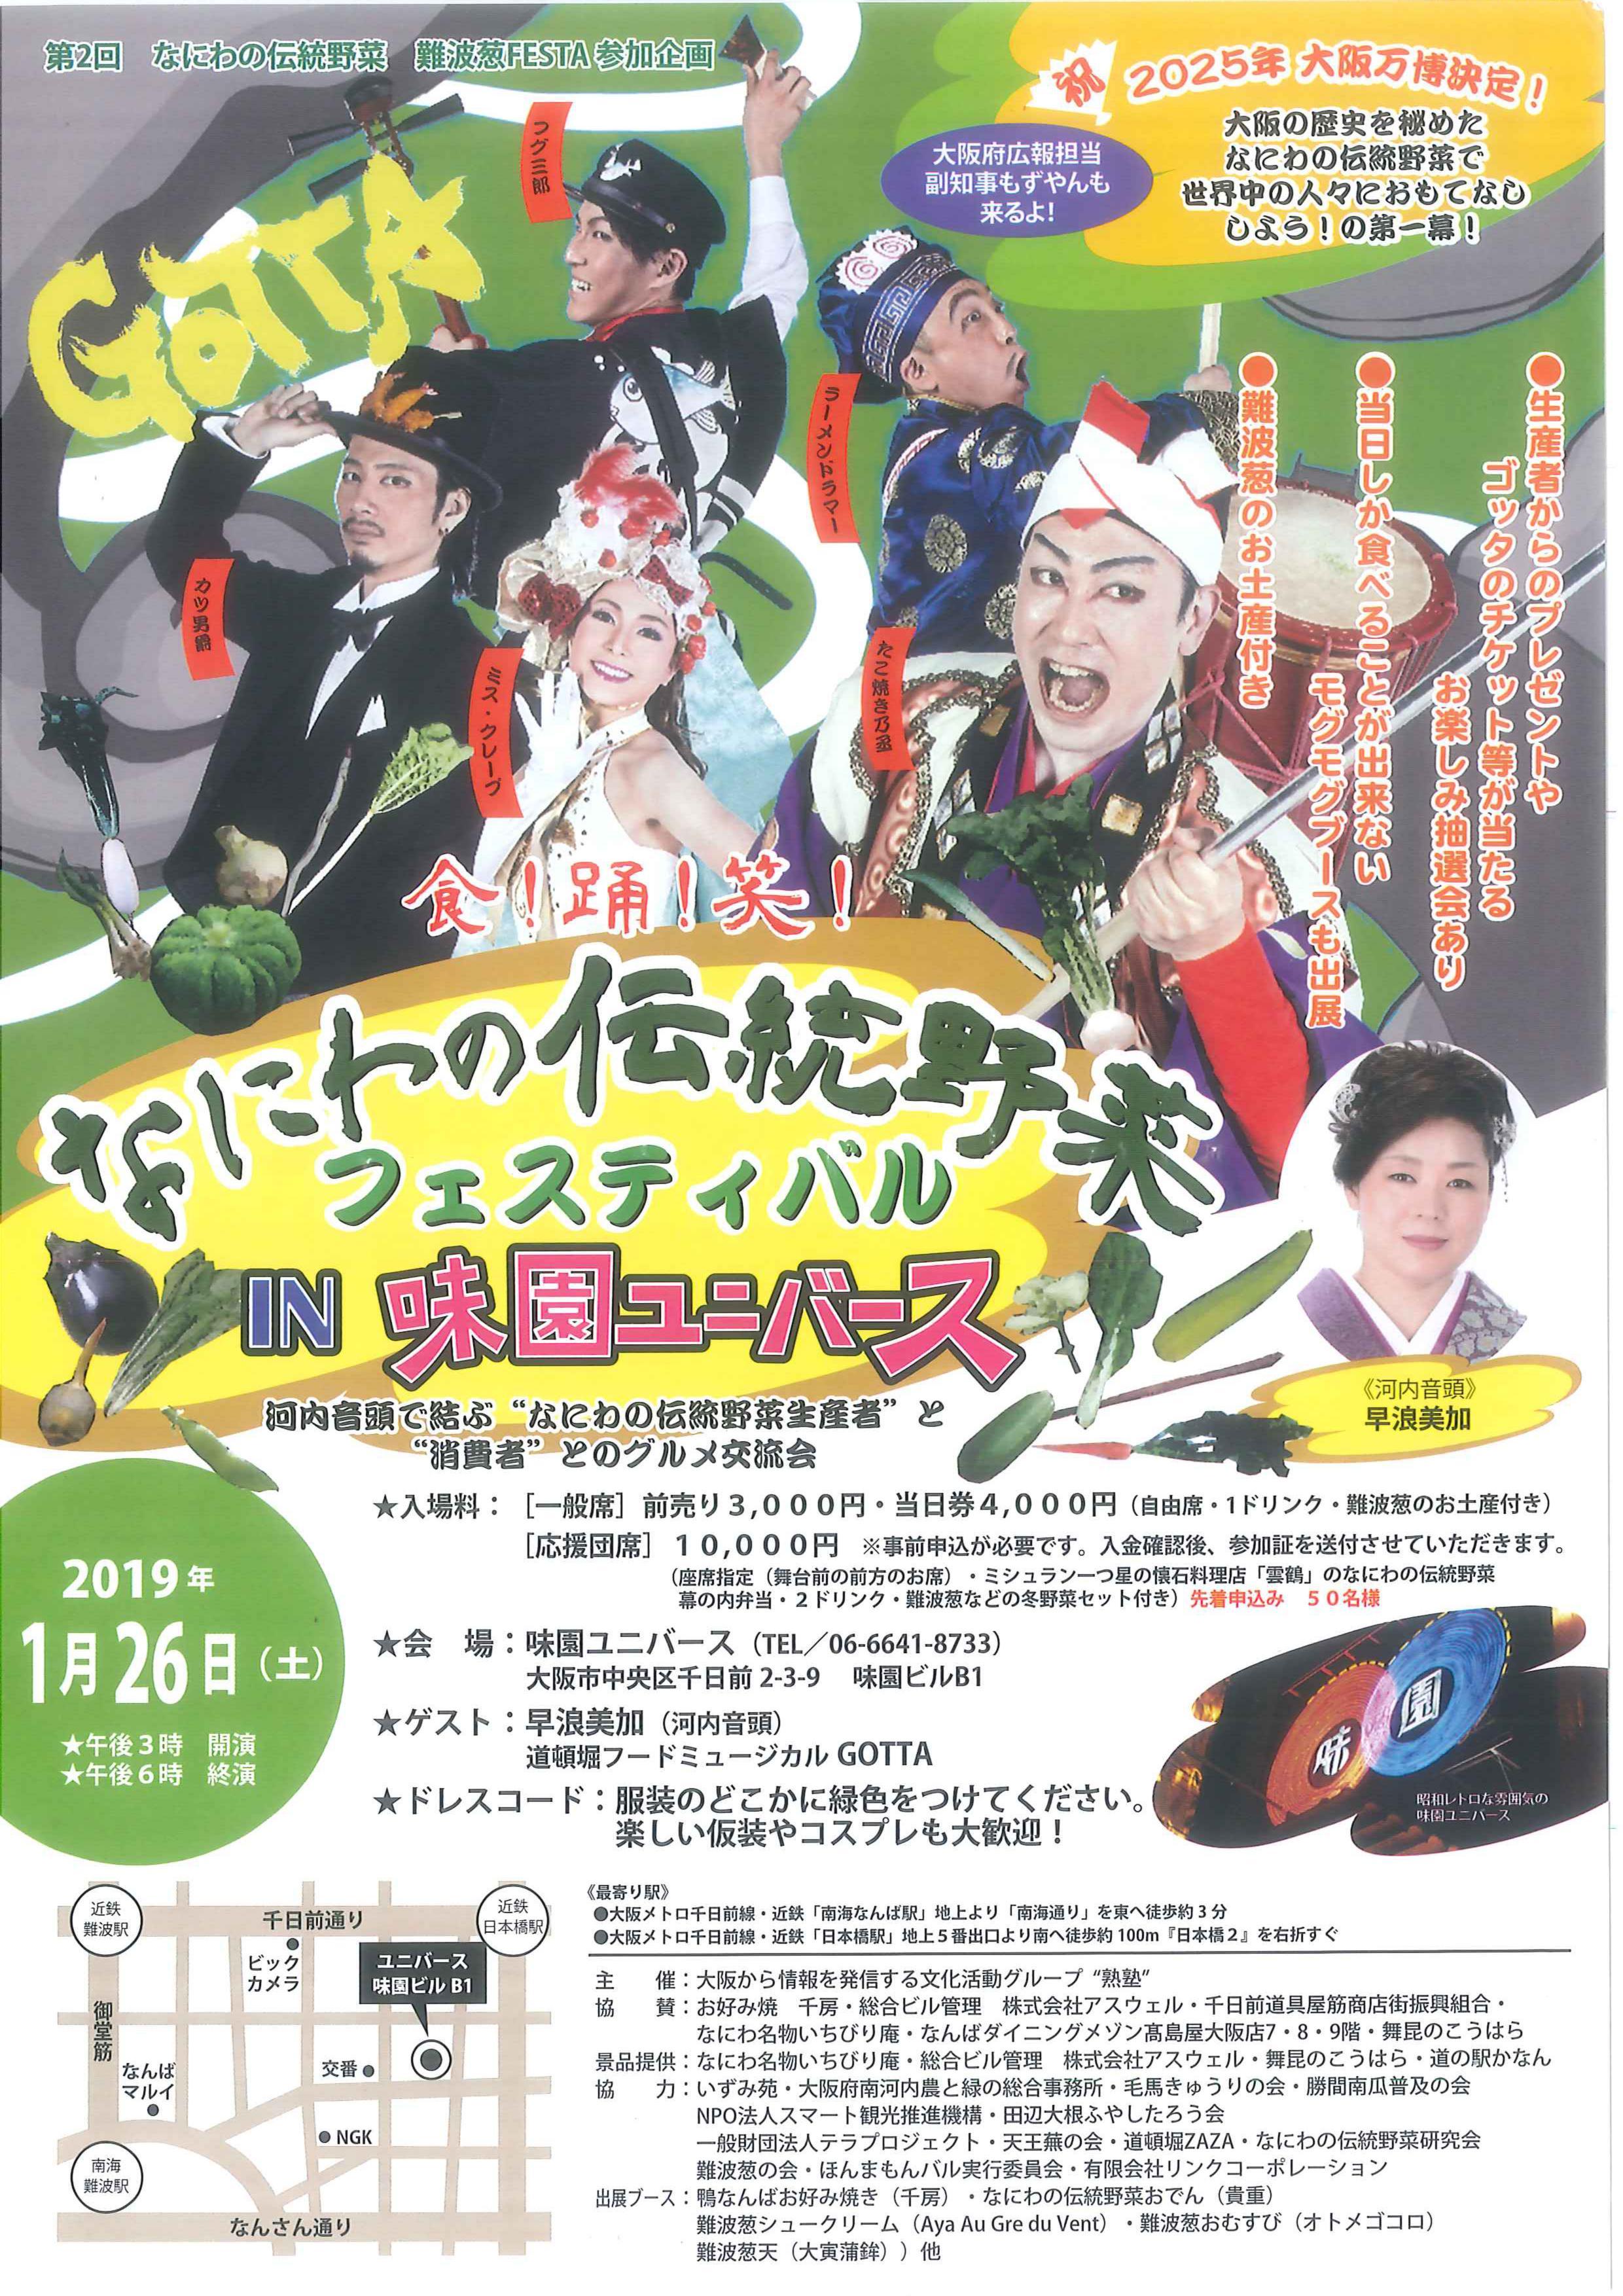 「なにわの伝統野菜フェスティバル IN 味園ユニバース」 1月26日(土)